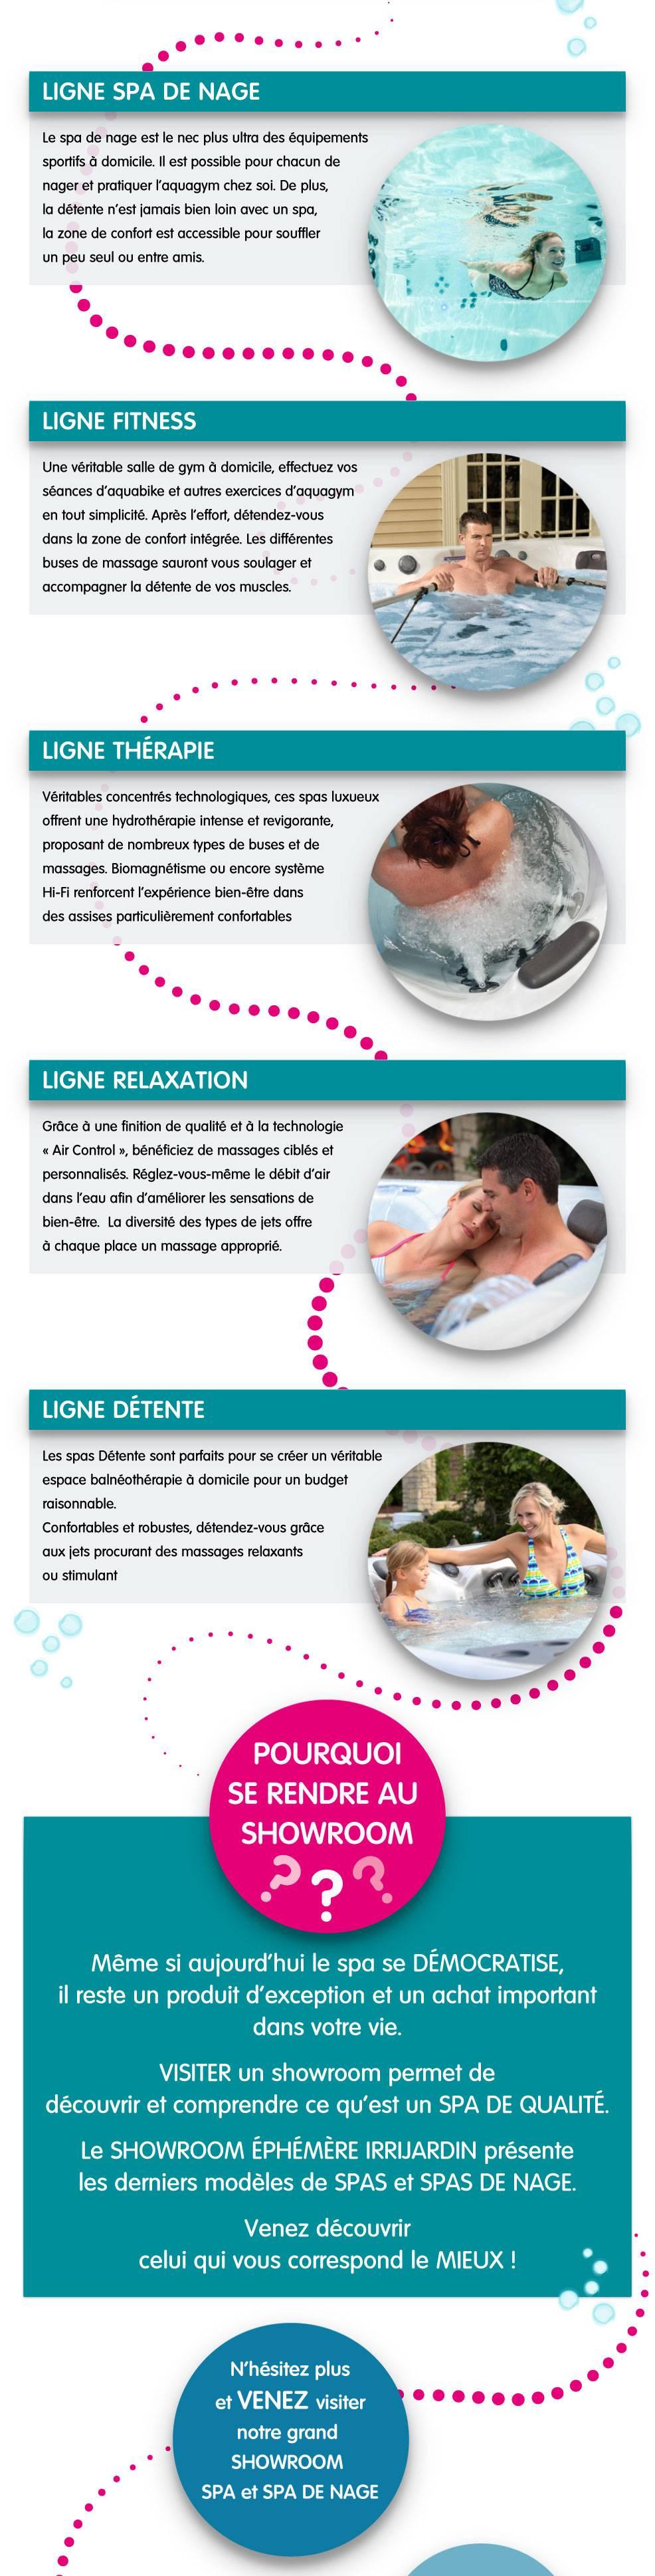 Les 5 gammes de spas et spas de nage chez irrijardin